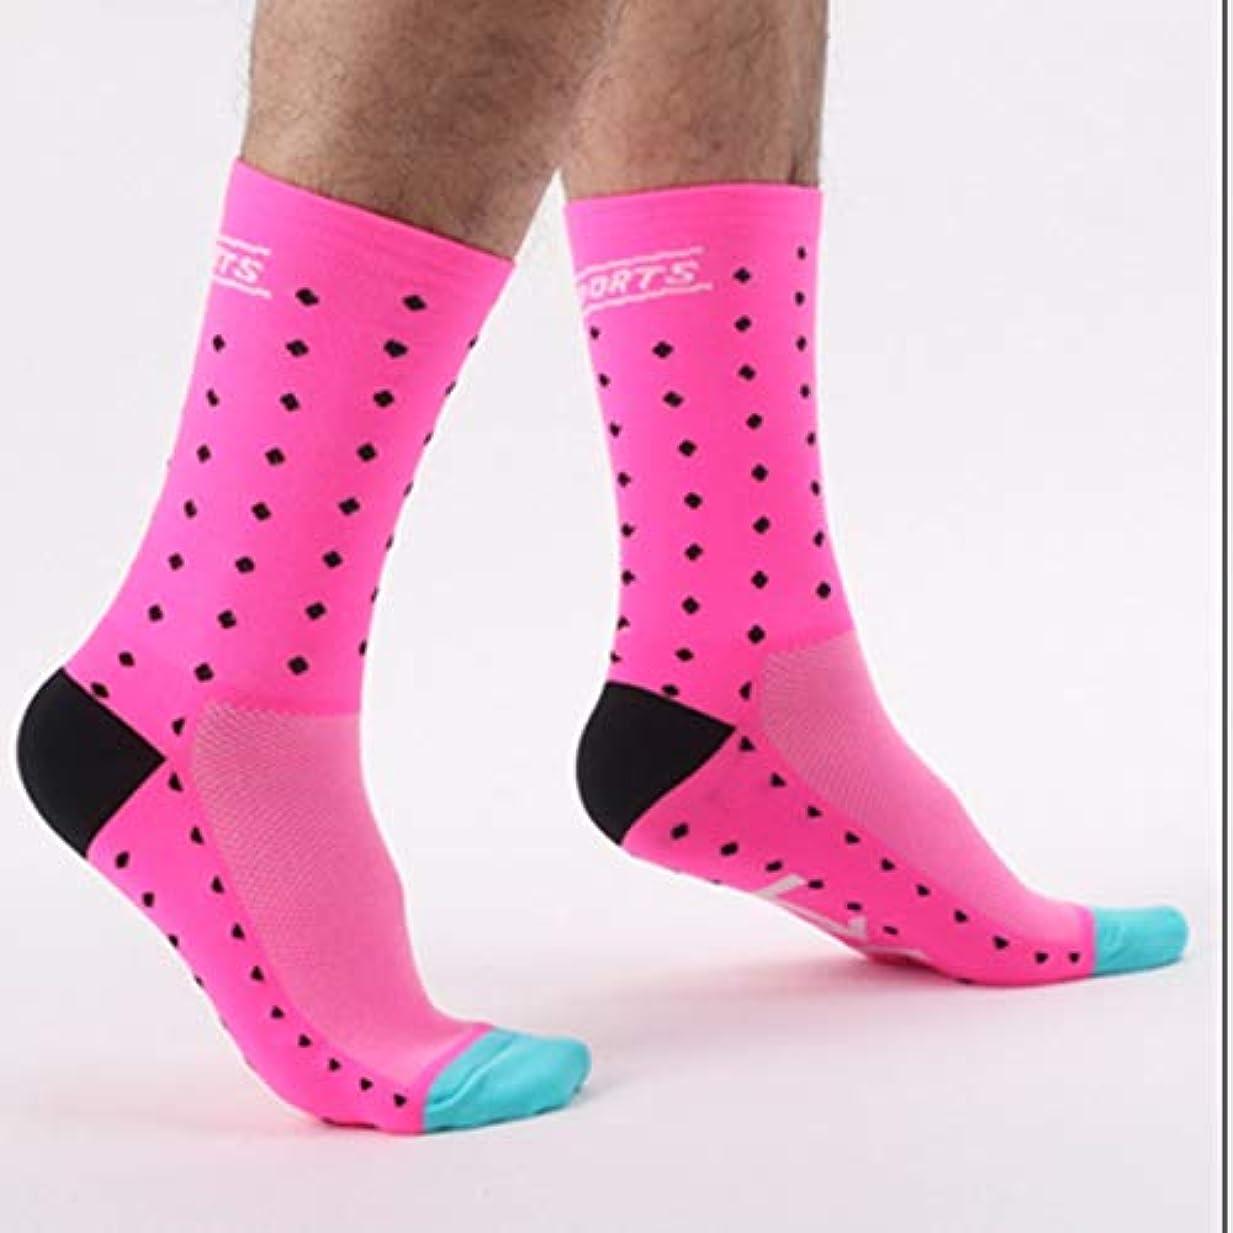 不格好判決温度計DH04快適なファッショナブルな屋外サイクリングソックス男性女性プロの通気性スポーツソックスバスケットボールソックス - ピンク